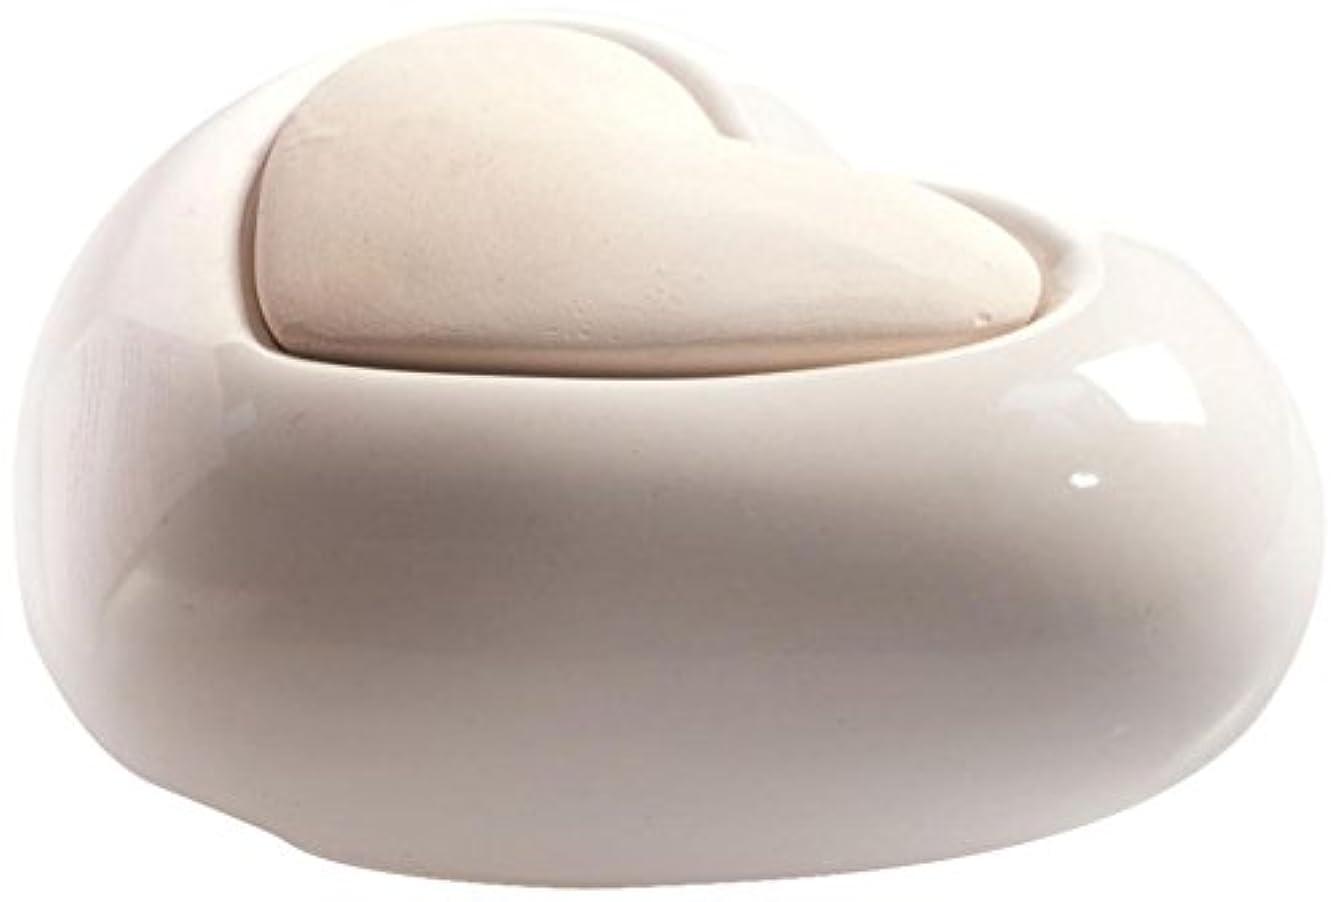 放棄先駆者汚物Millefiori HEART ルームフレグランス用 ハート型セラミックディフューザー ホワイト LDIF-CM-001